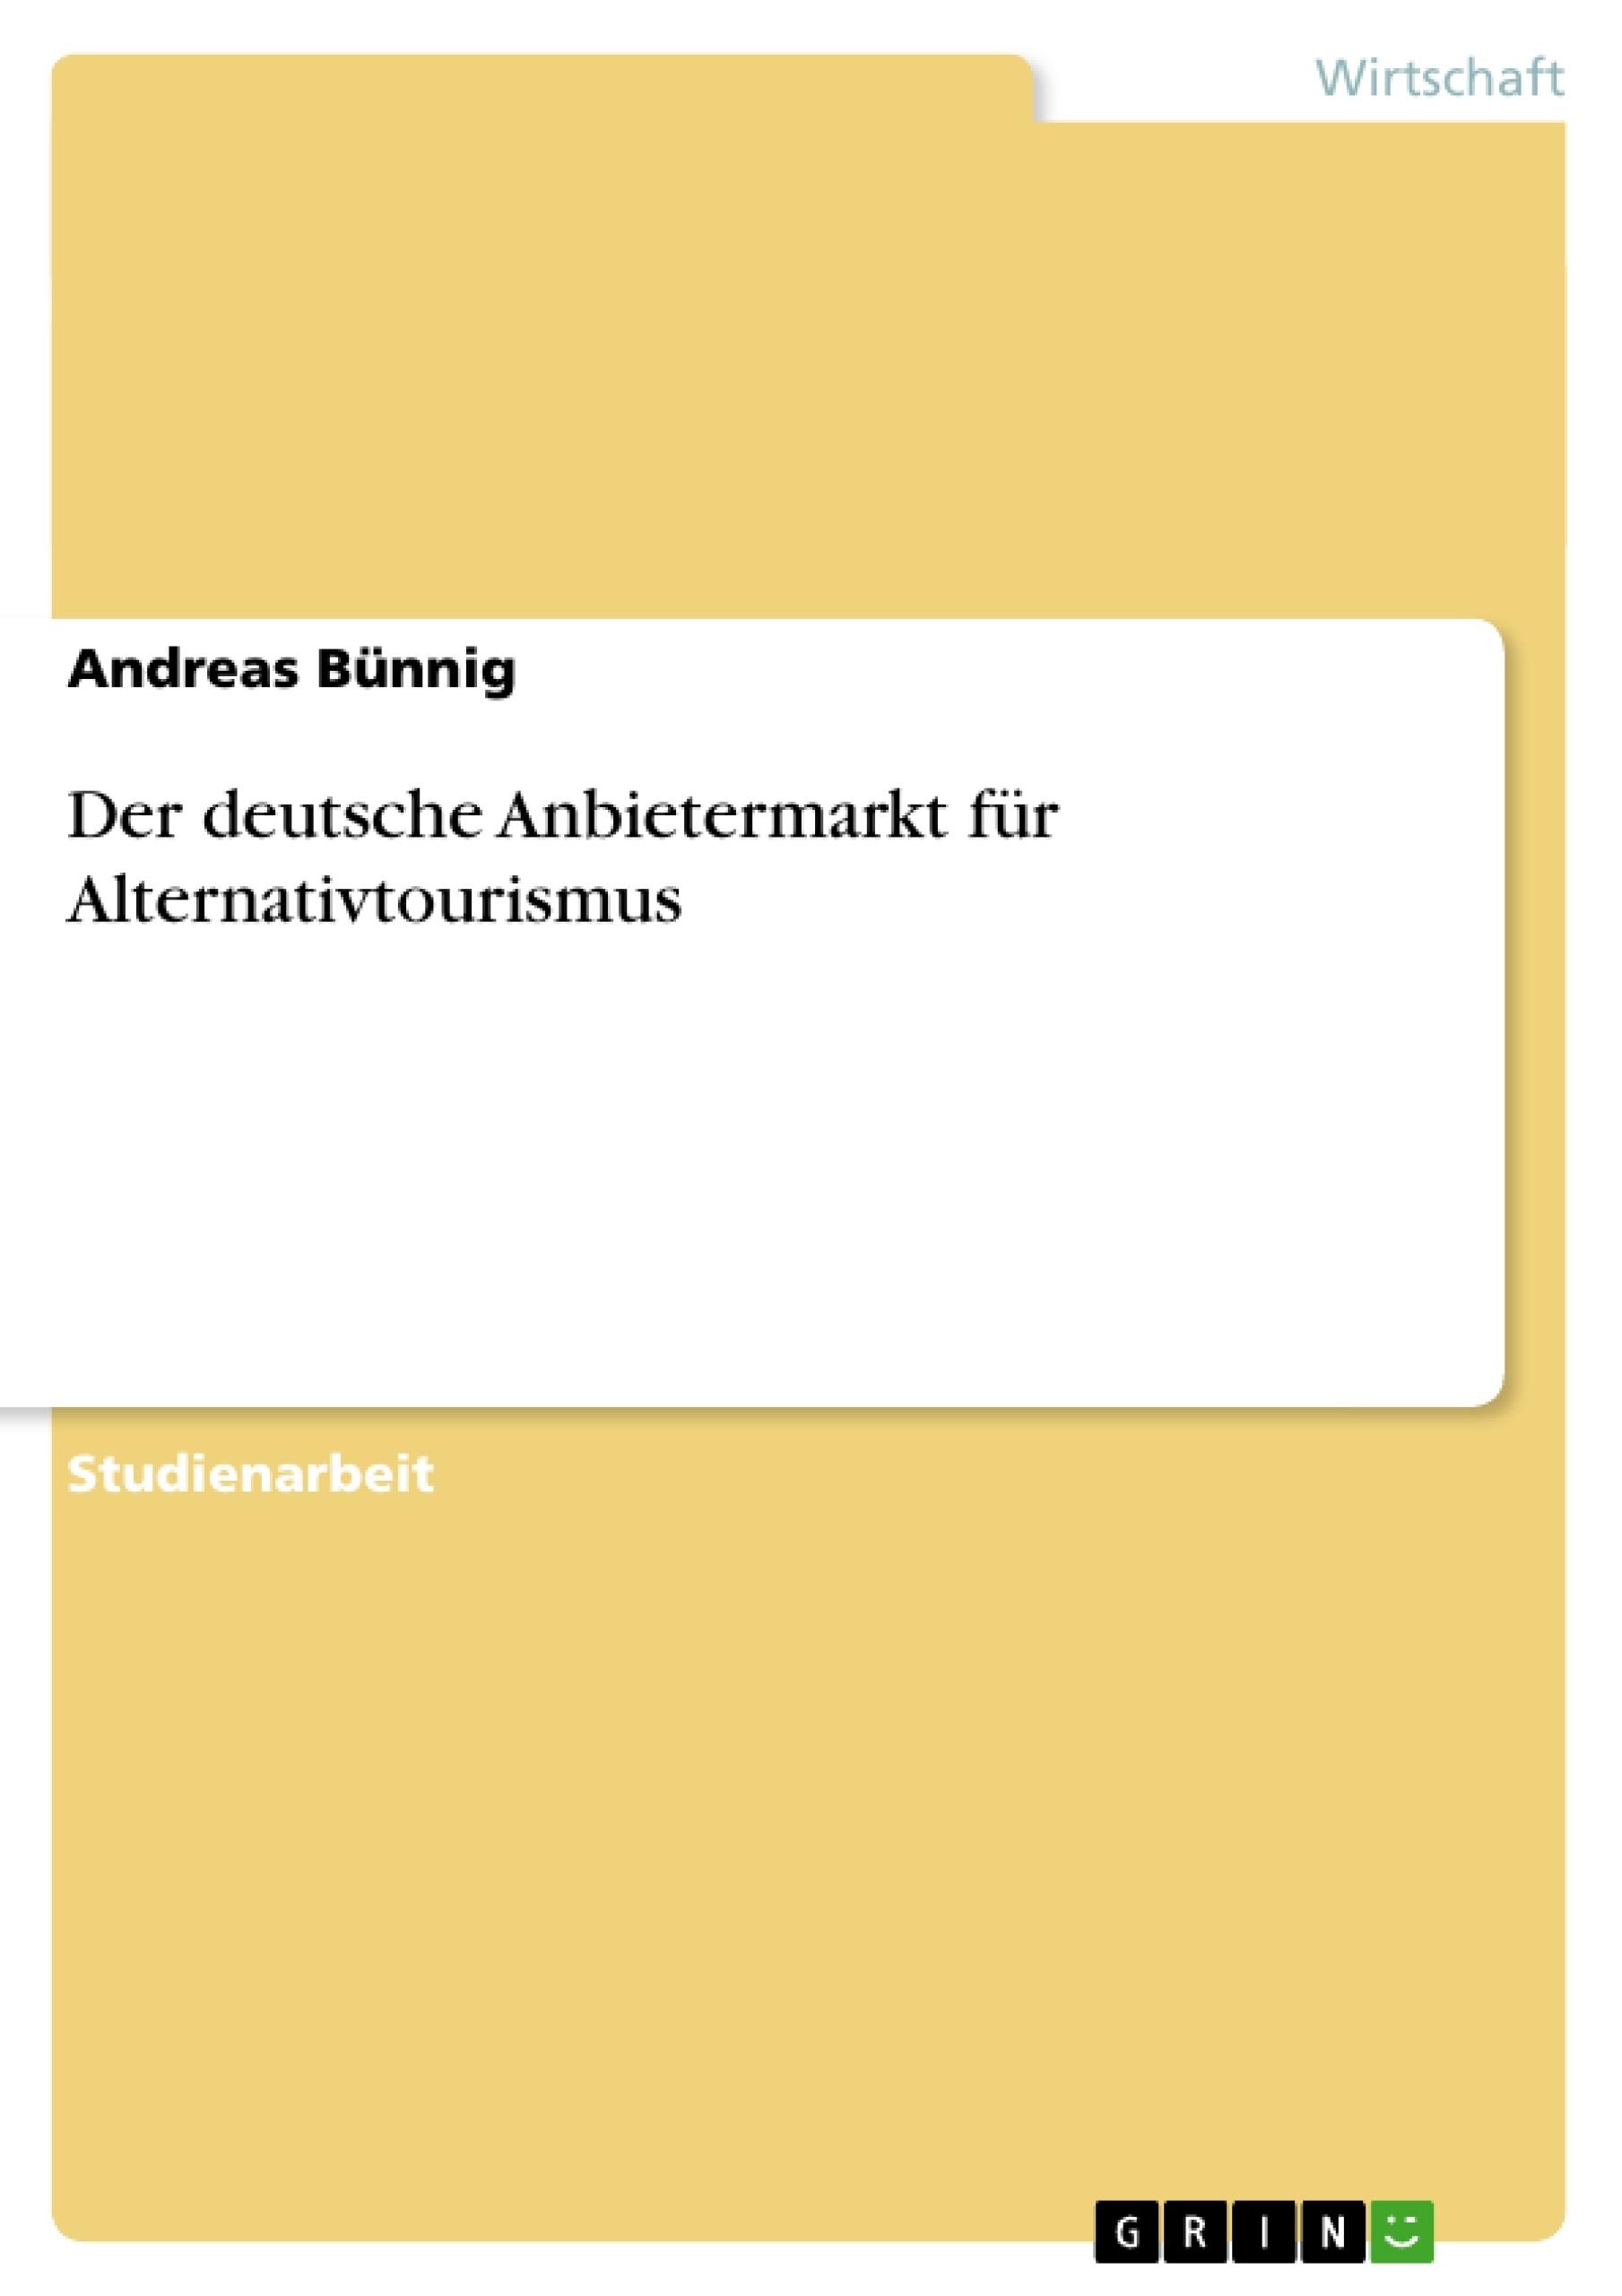 Titel: Der deutsche Anbietermarkt für Alternativtourismus